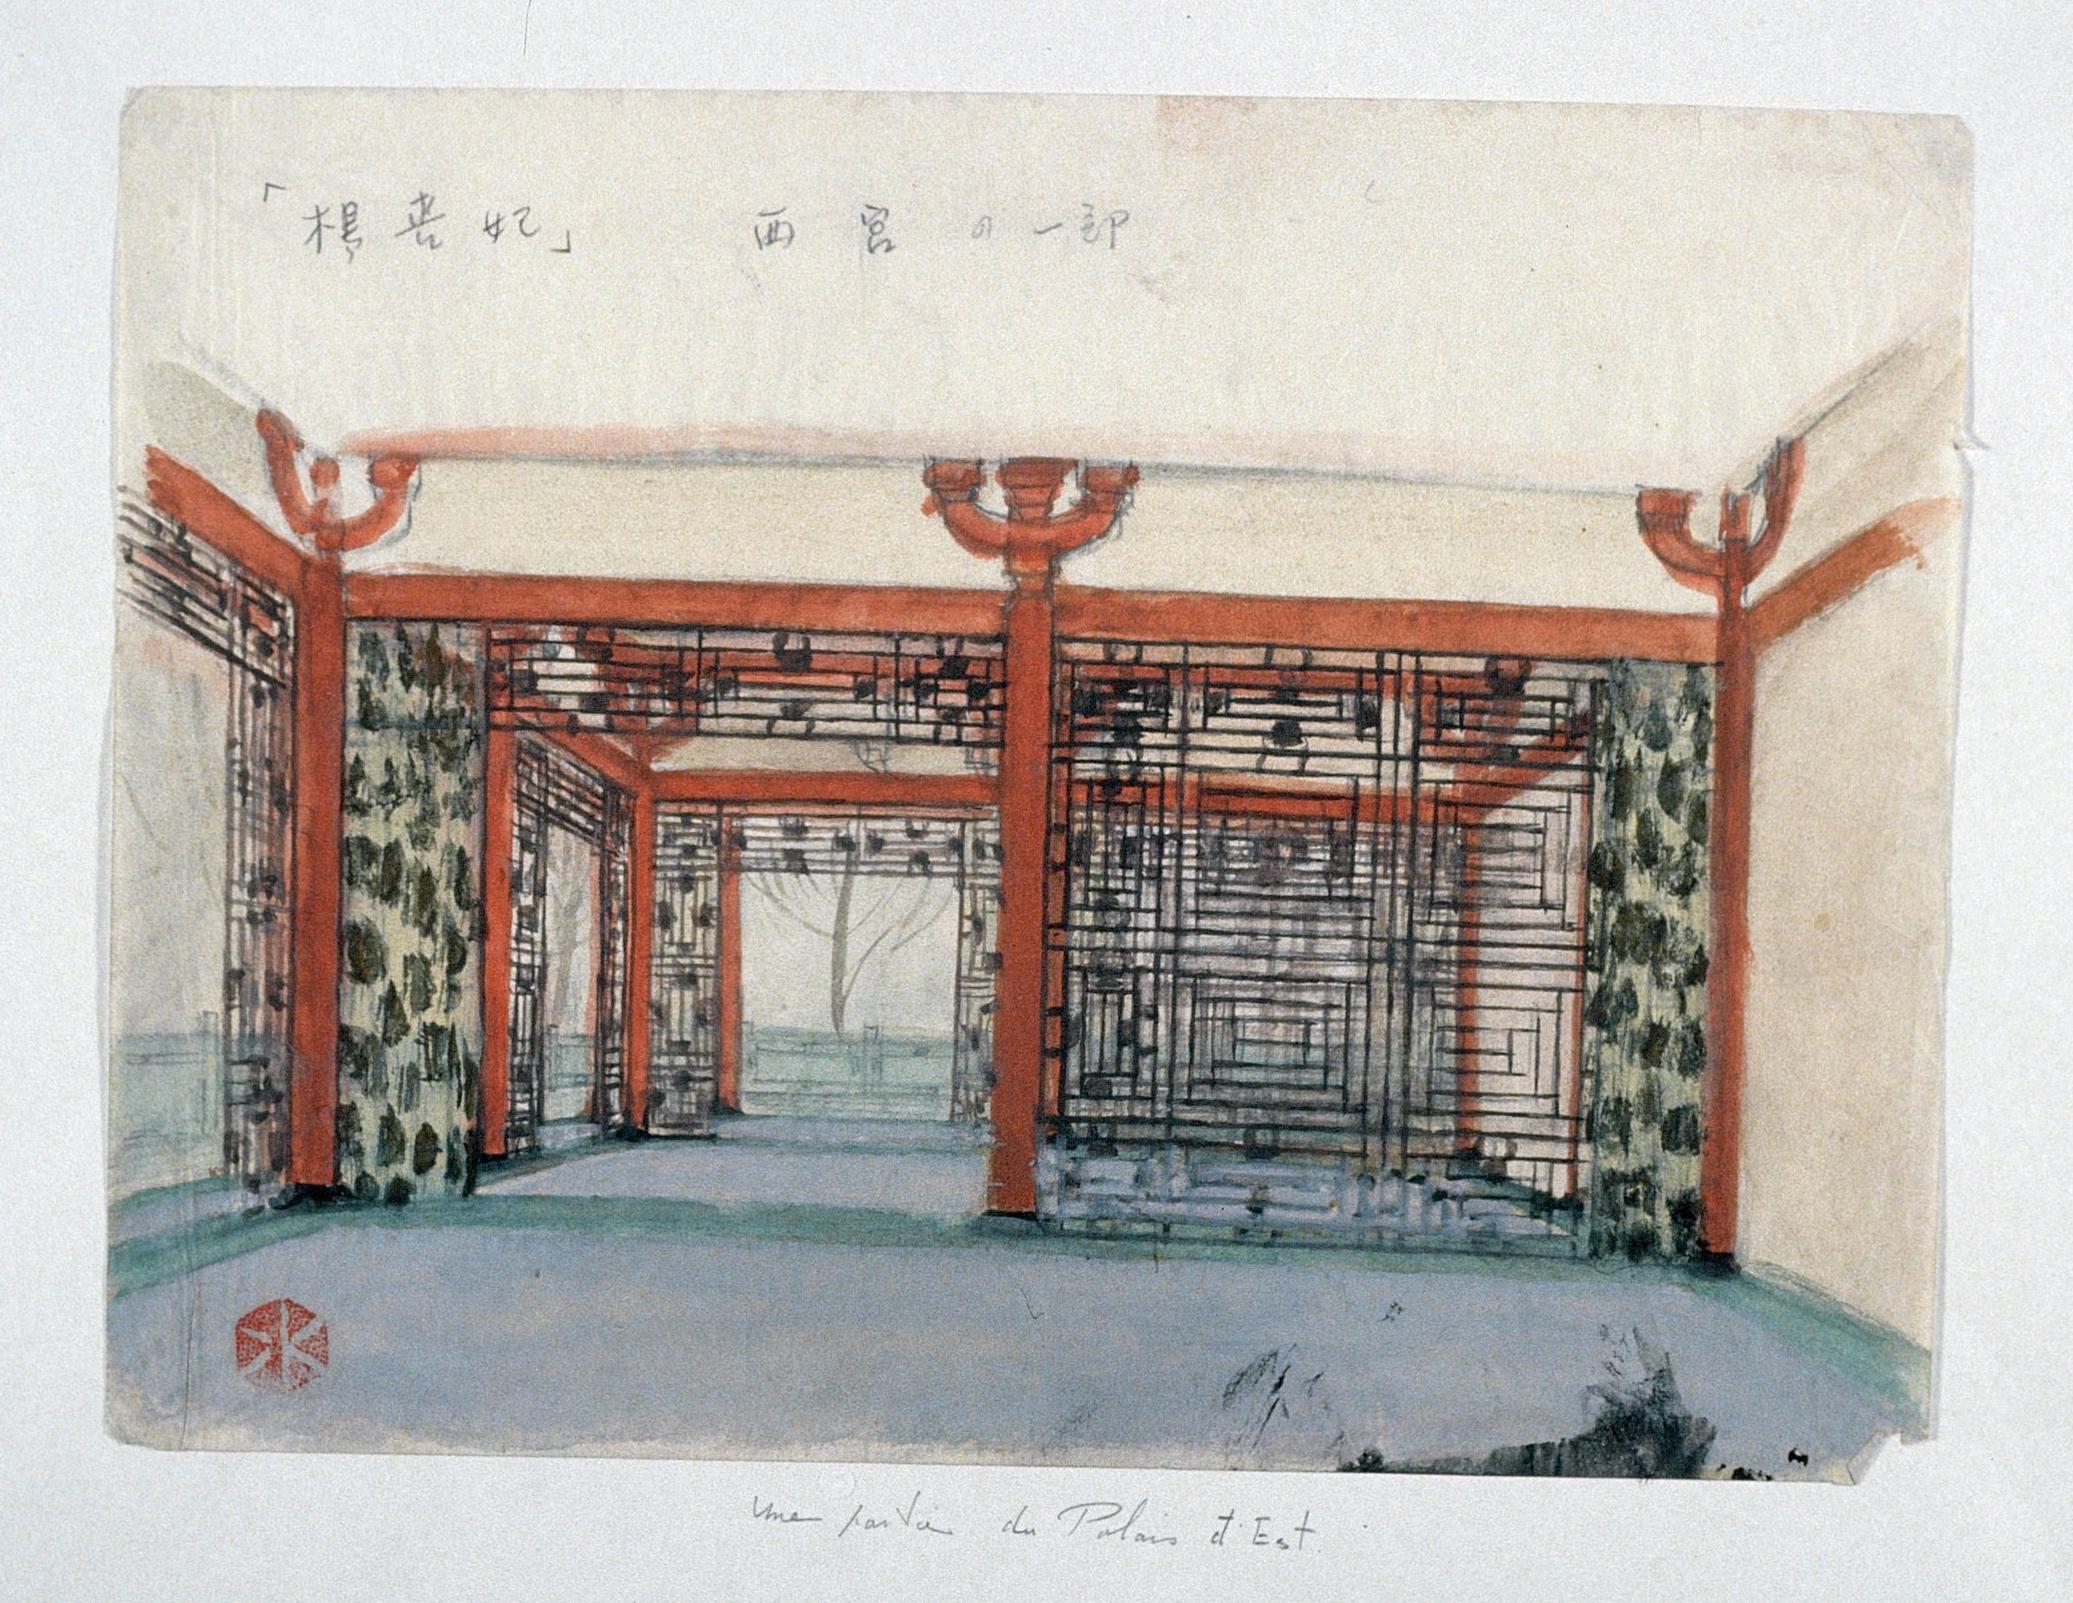 Salle du Palais Est © Mizutani